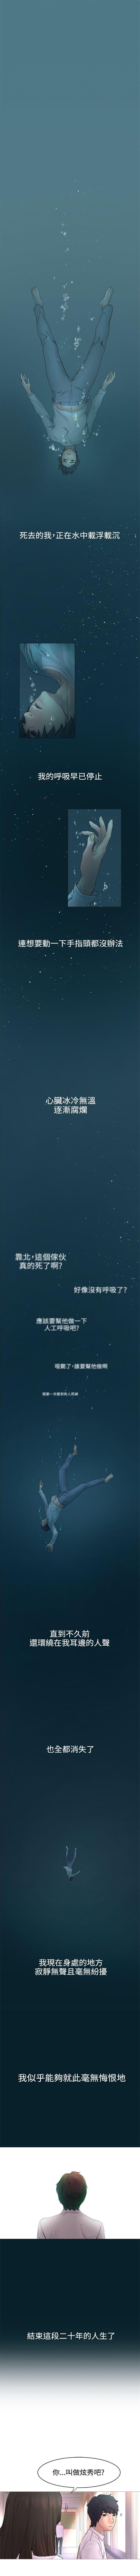 (週5)衝突 1-91 中文翻譯 (更新中) 1